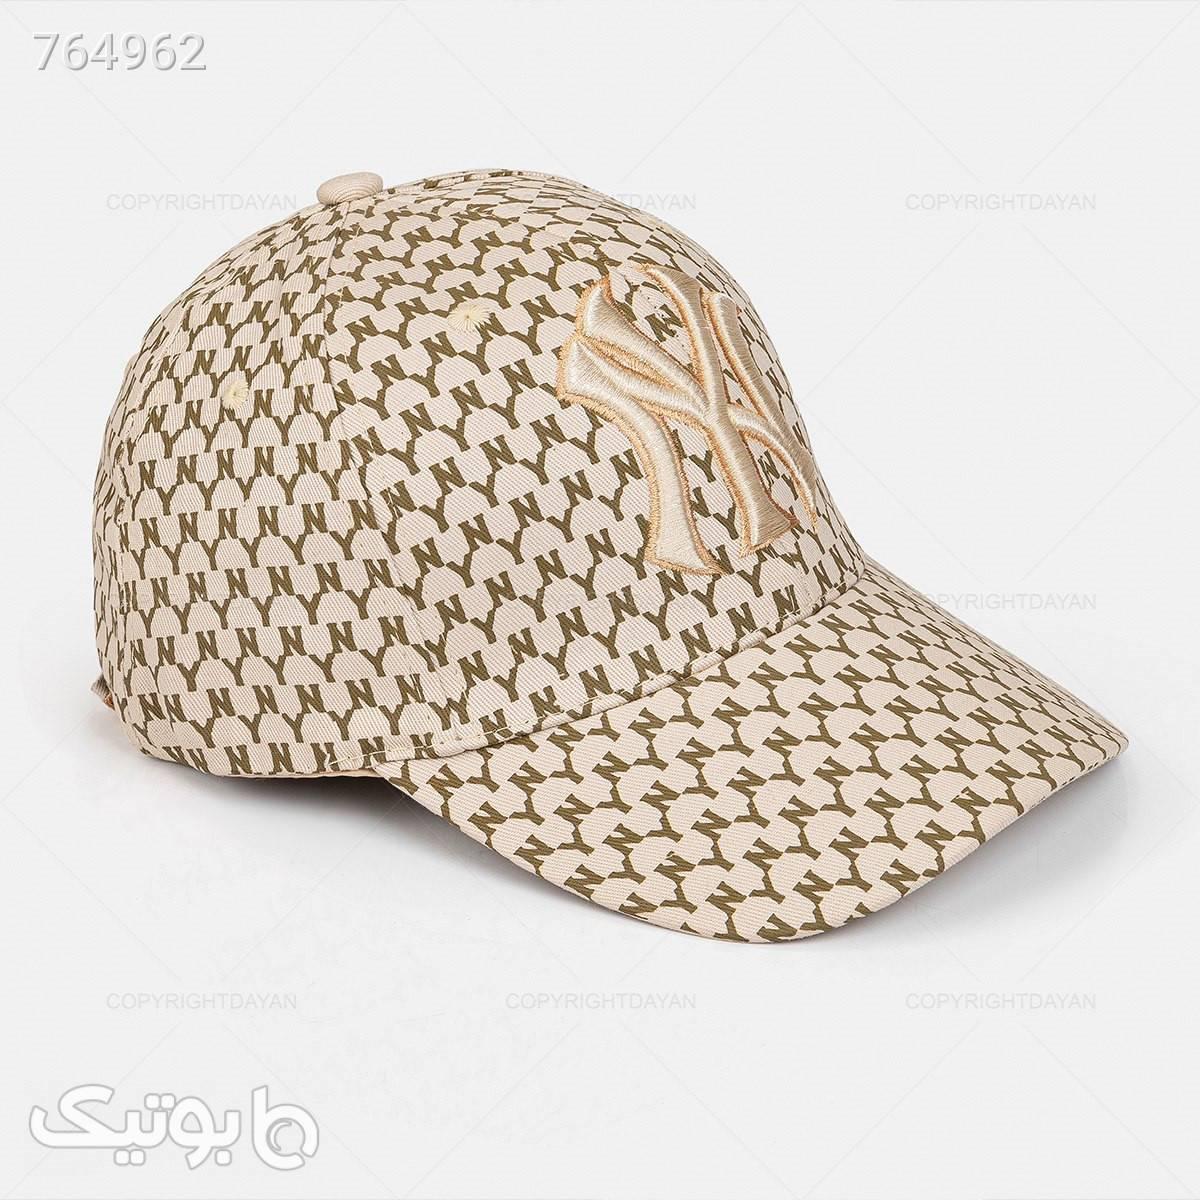 حراج کلاه کپ مدل 19095 کرم کلاه و اسکارف